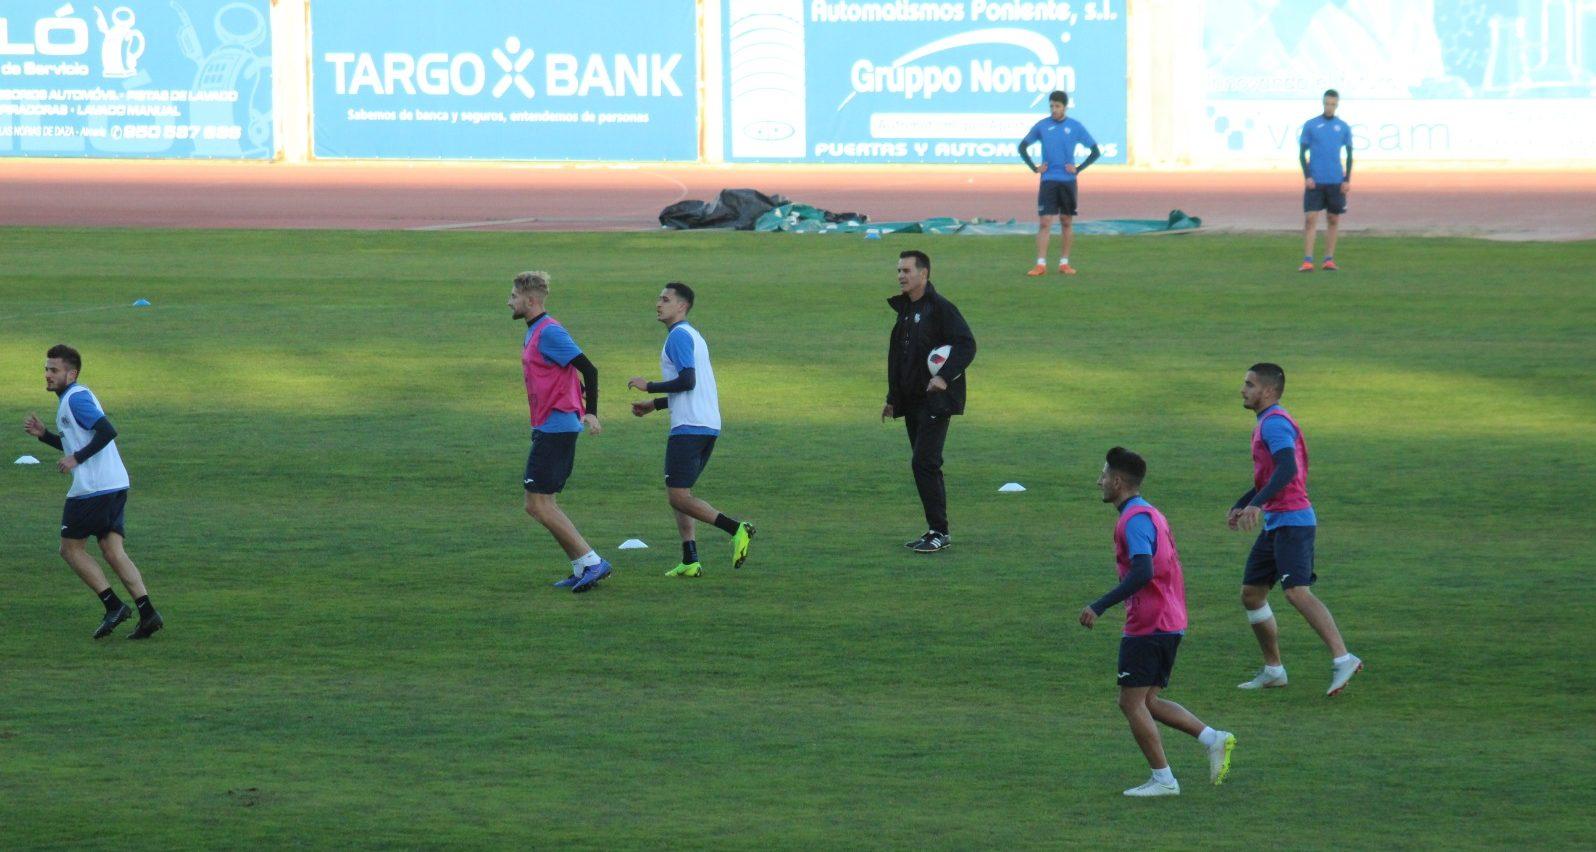 El CD El El Ejido presenta al nuevo entrenador y al nuevo Director Deportivo